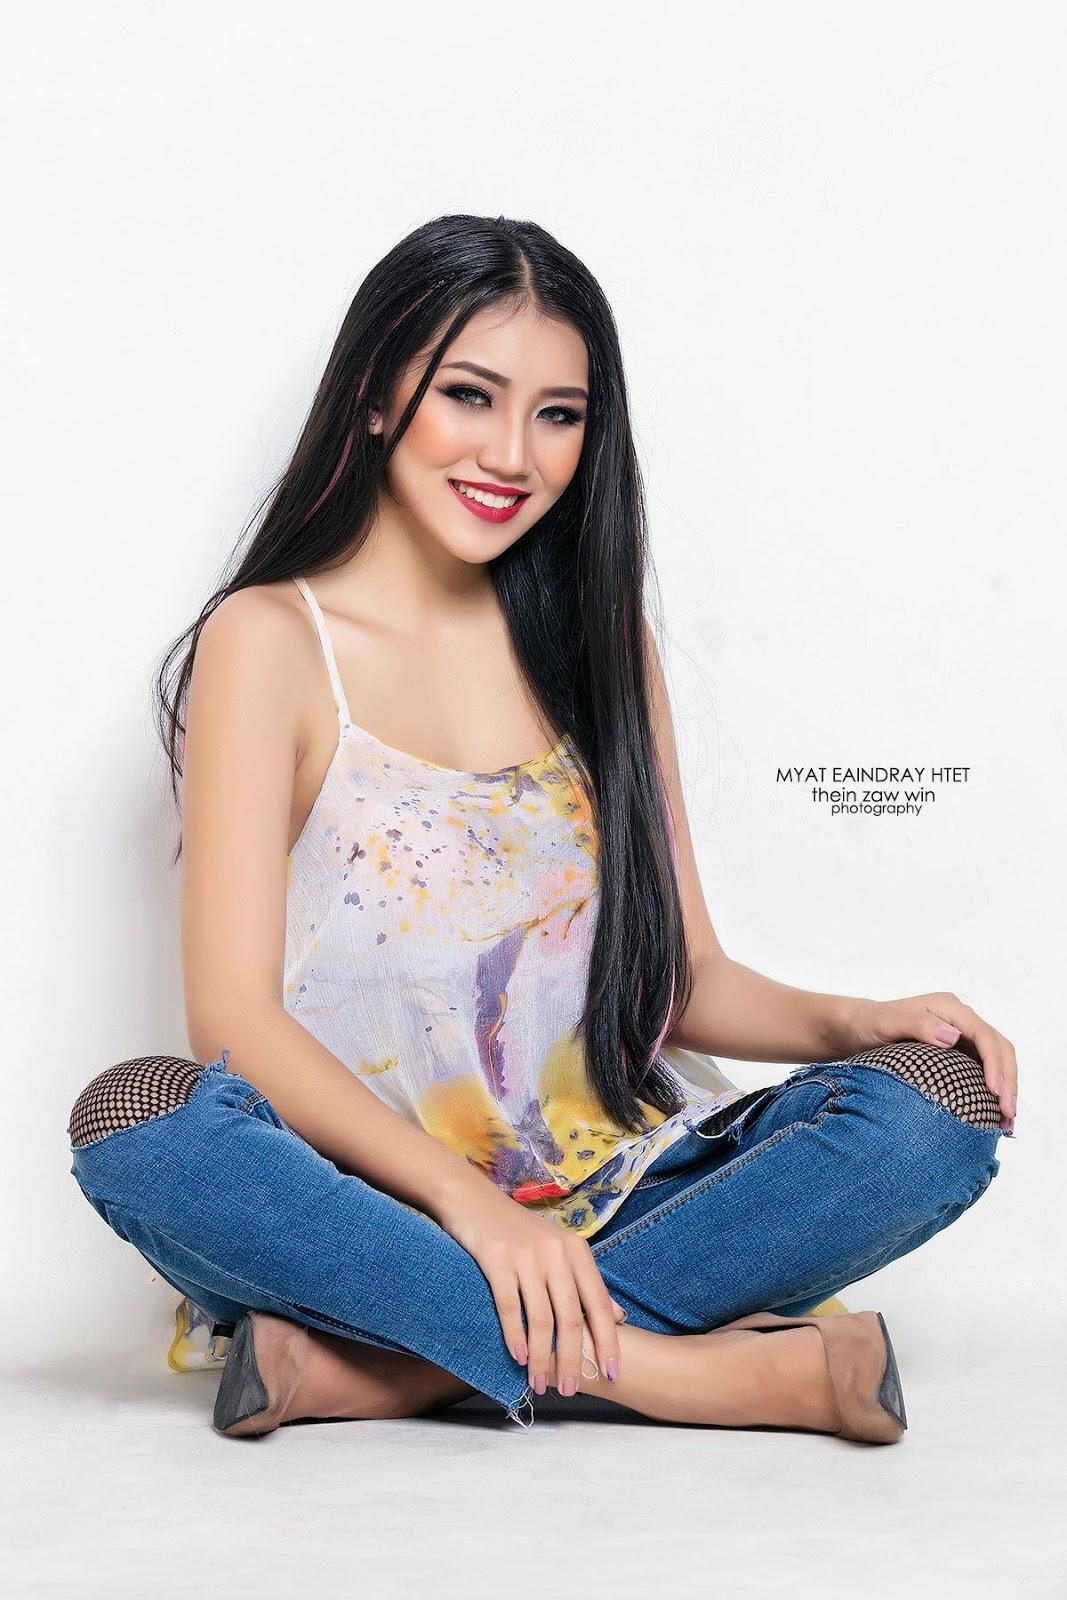 Miss Teen Universe Myanmar Myat Eaindray Htet